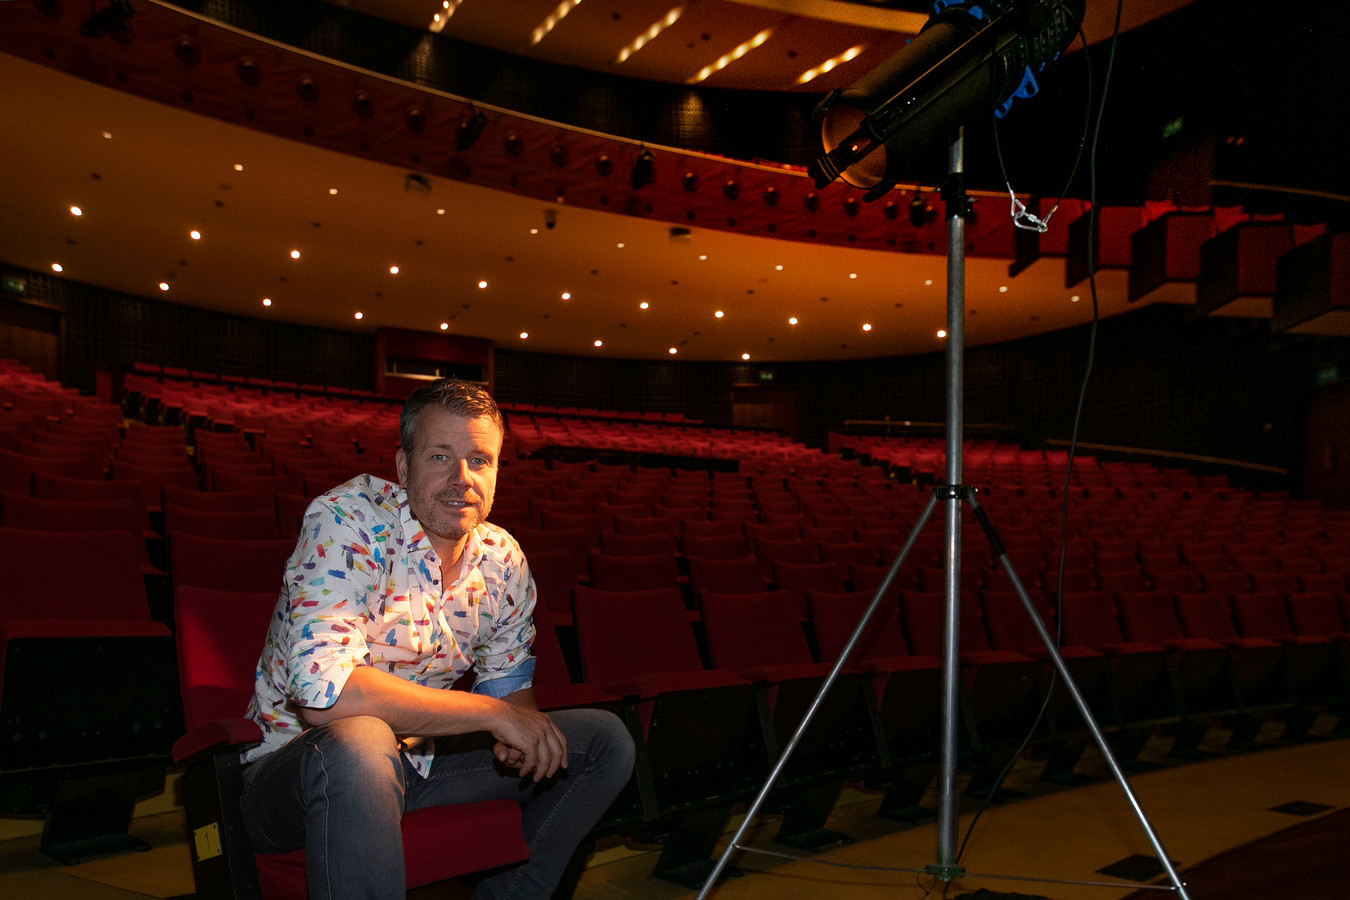 Eindhoven cabaretier Rob Scheepers